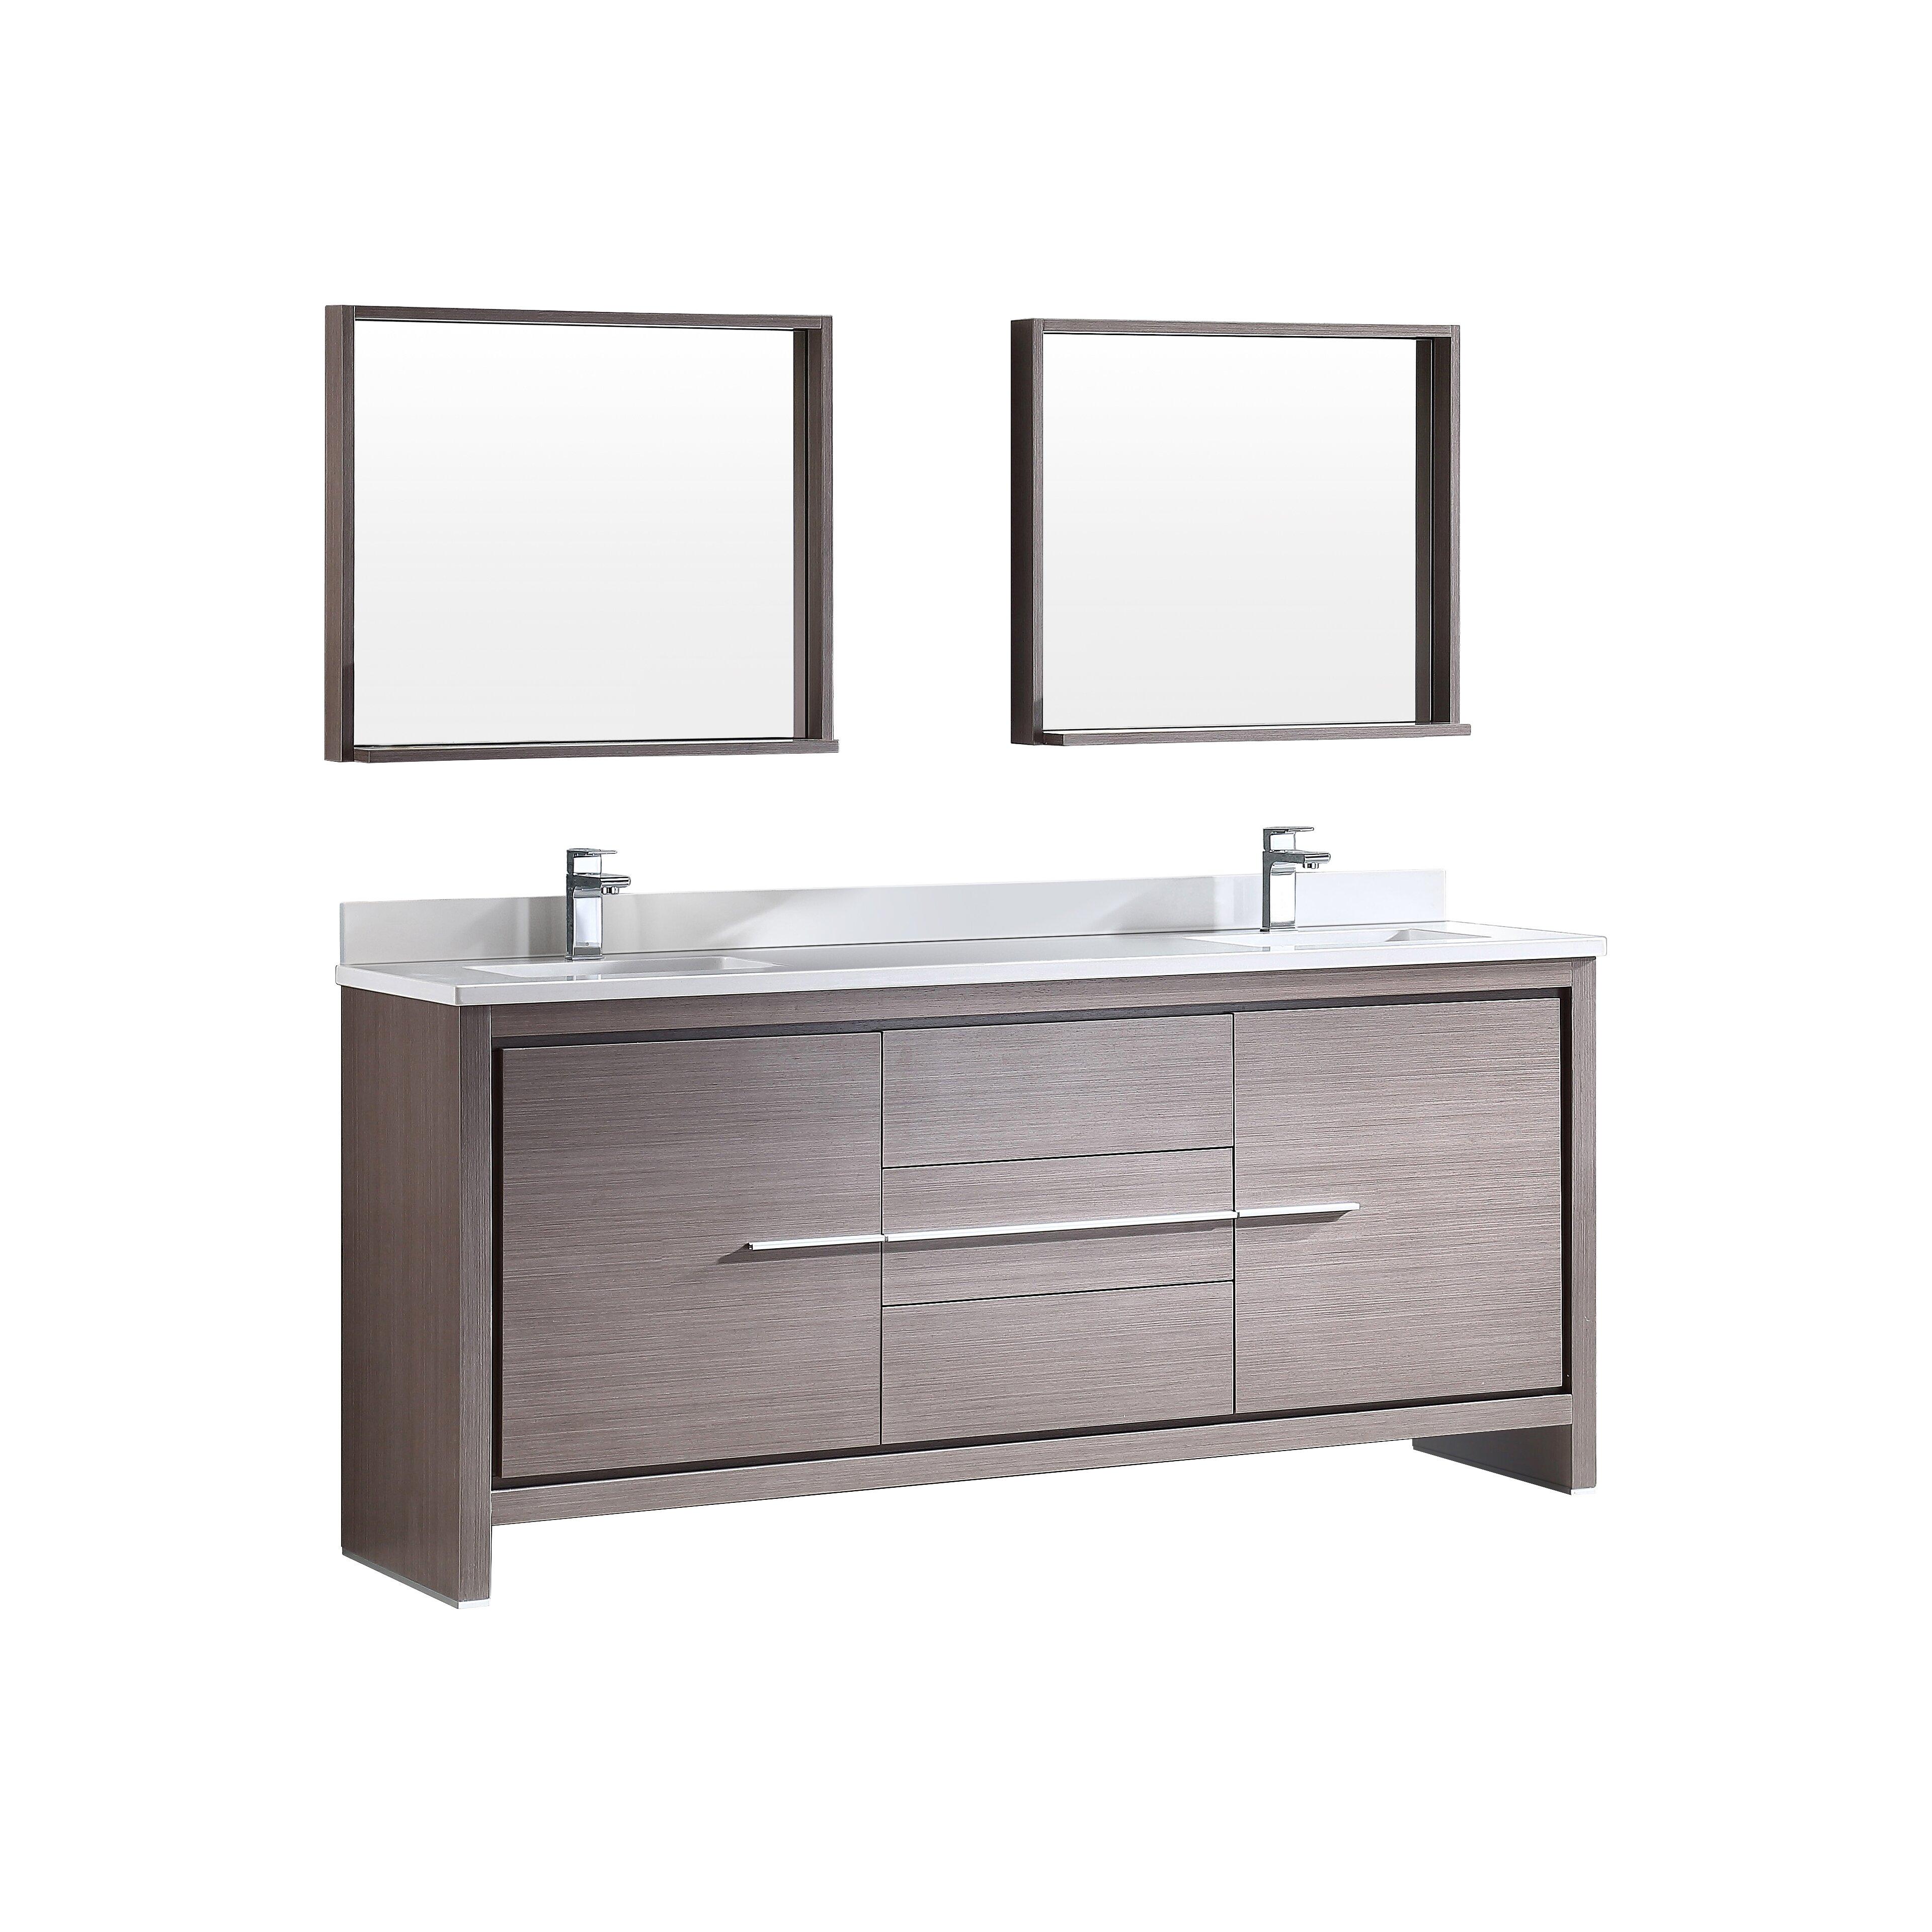 Fresca trieste allier 72 double modern sink bathroom for Modern double sink bathroom vanity